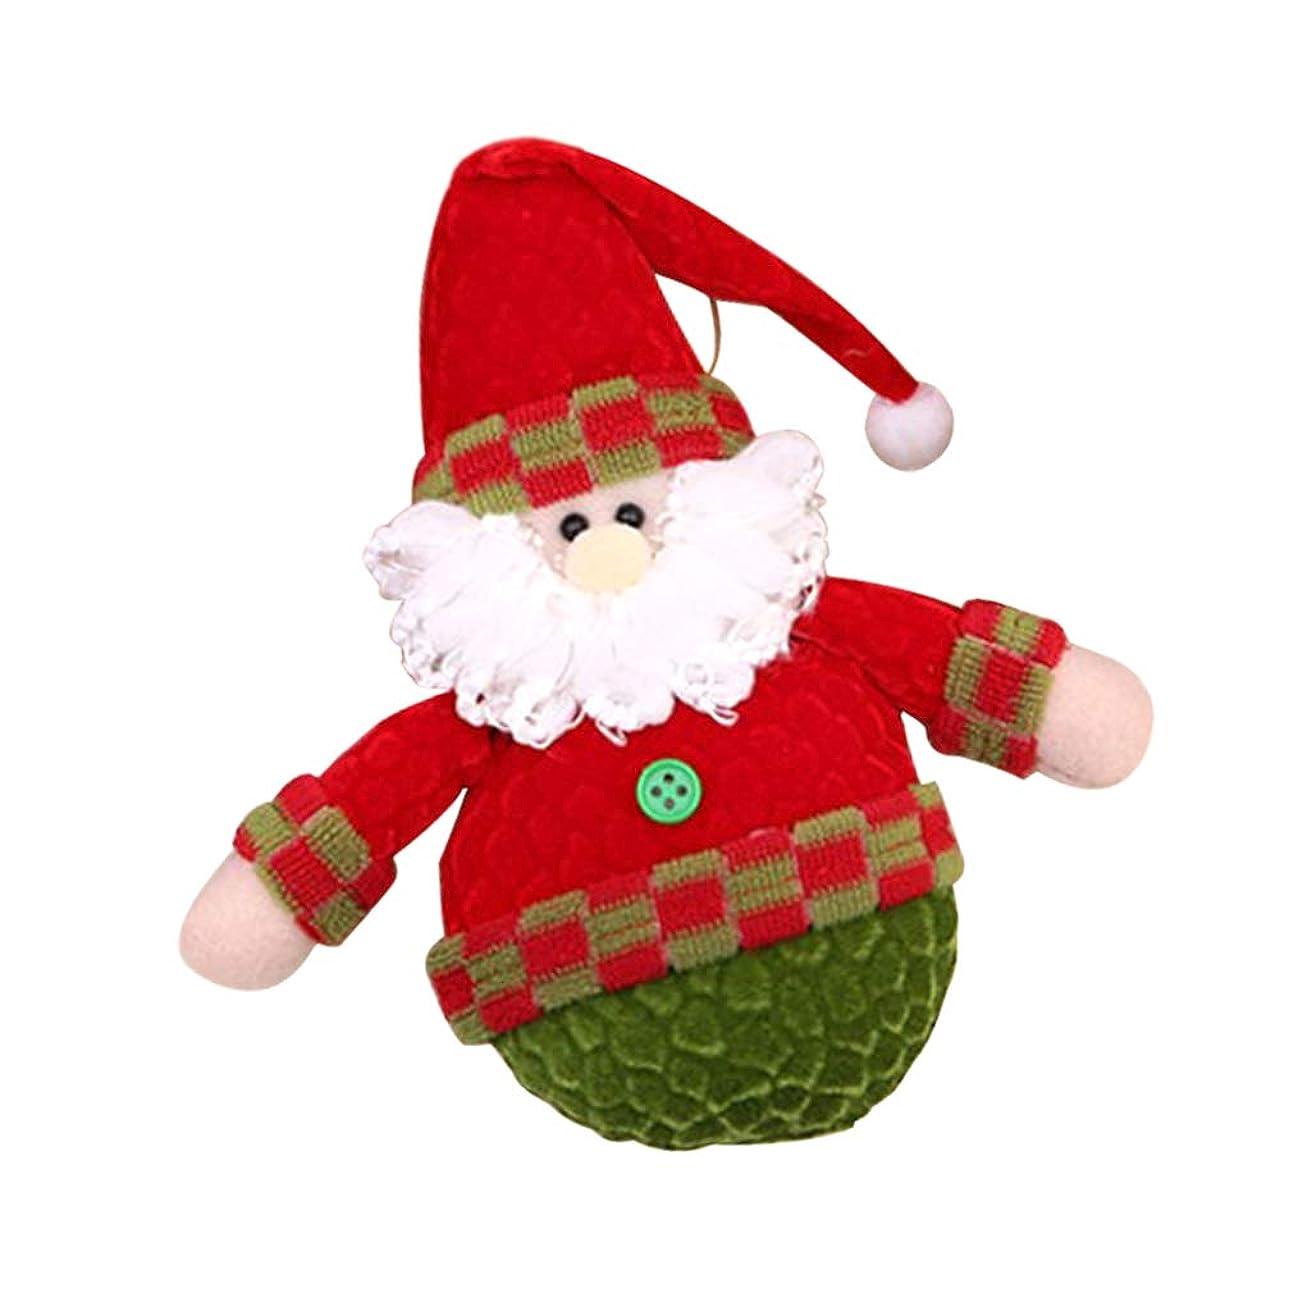 サロン送信する送信するクリスマス ぬいぐるみ人形 クリスマスツリー飾り パーティー 吊り装飾 3タイプ選べ - サンタクロース